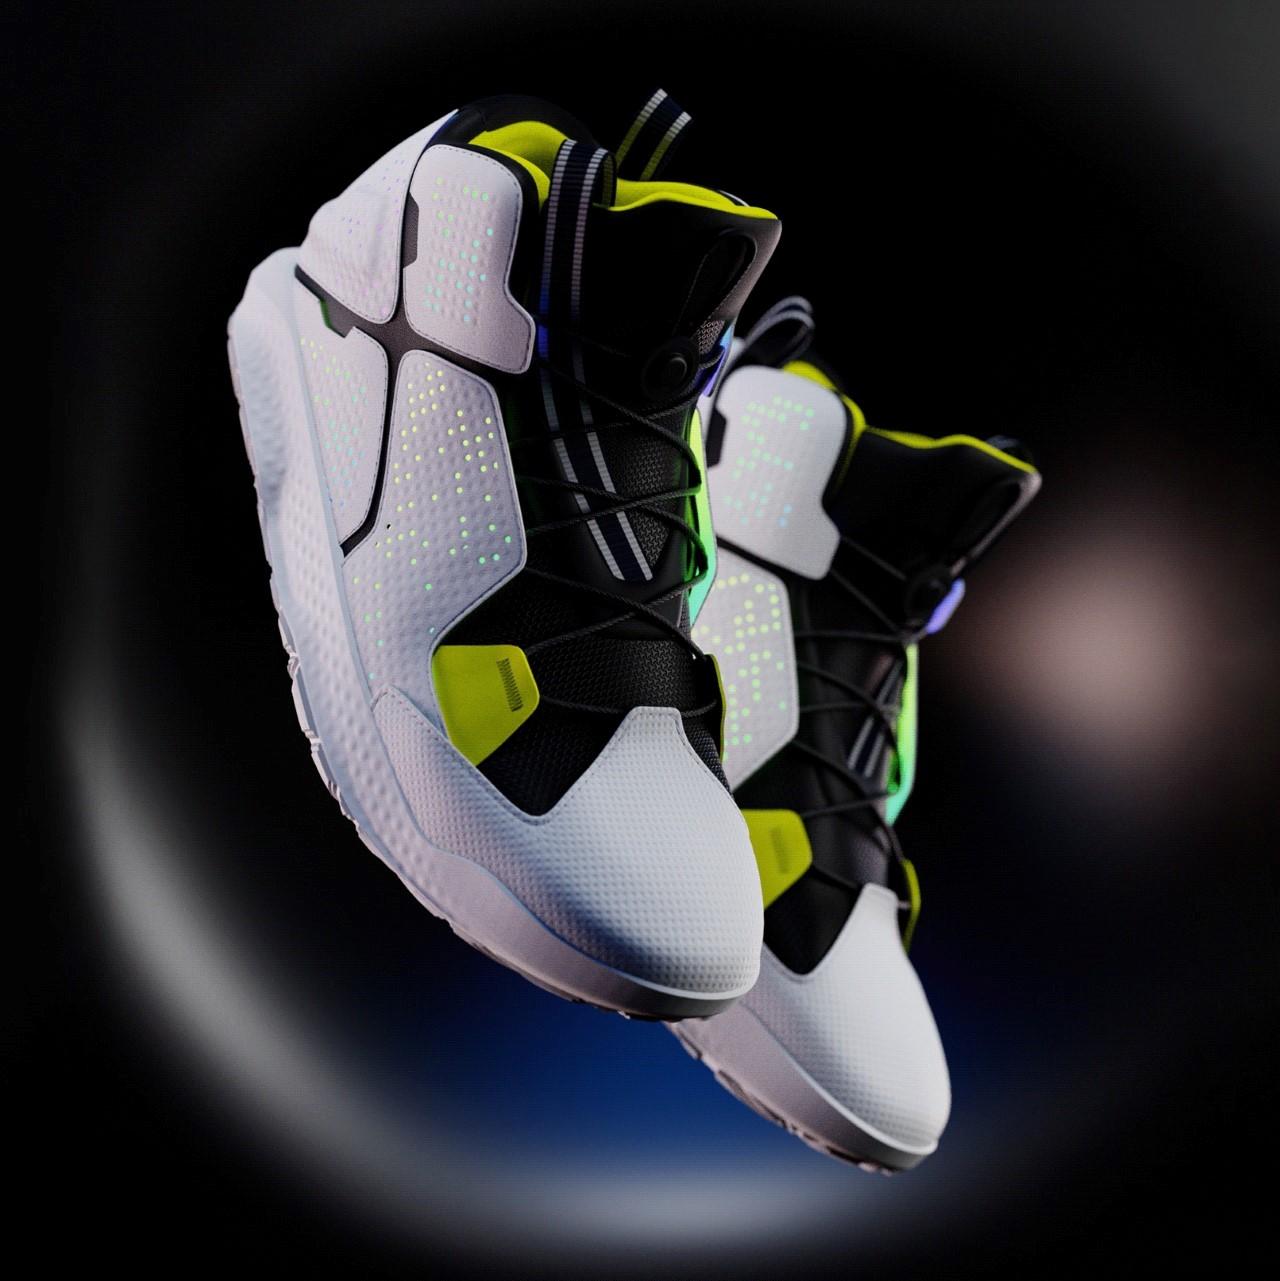 TOKIO Futuristic Sneakers by Juan Vegas